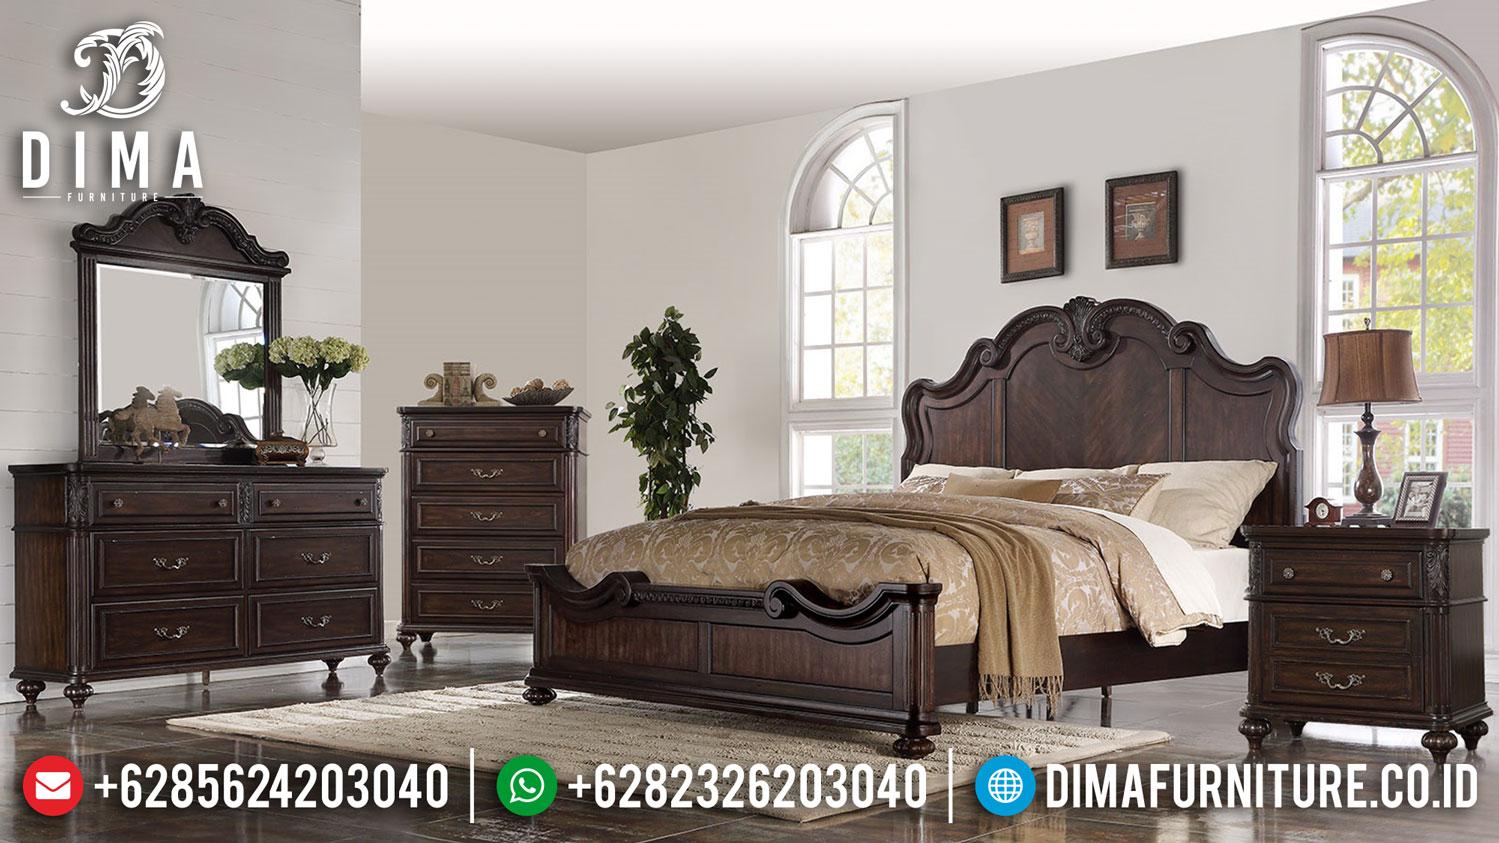 Jual Tempat Tidur Mewah Luxury Classic Louise Design Inspiring Bedroom TTJ-1330